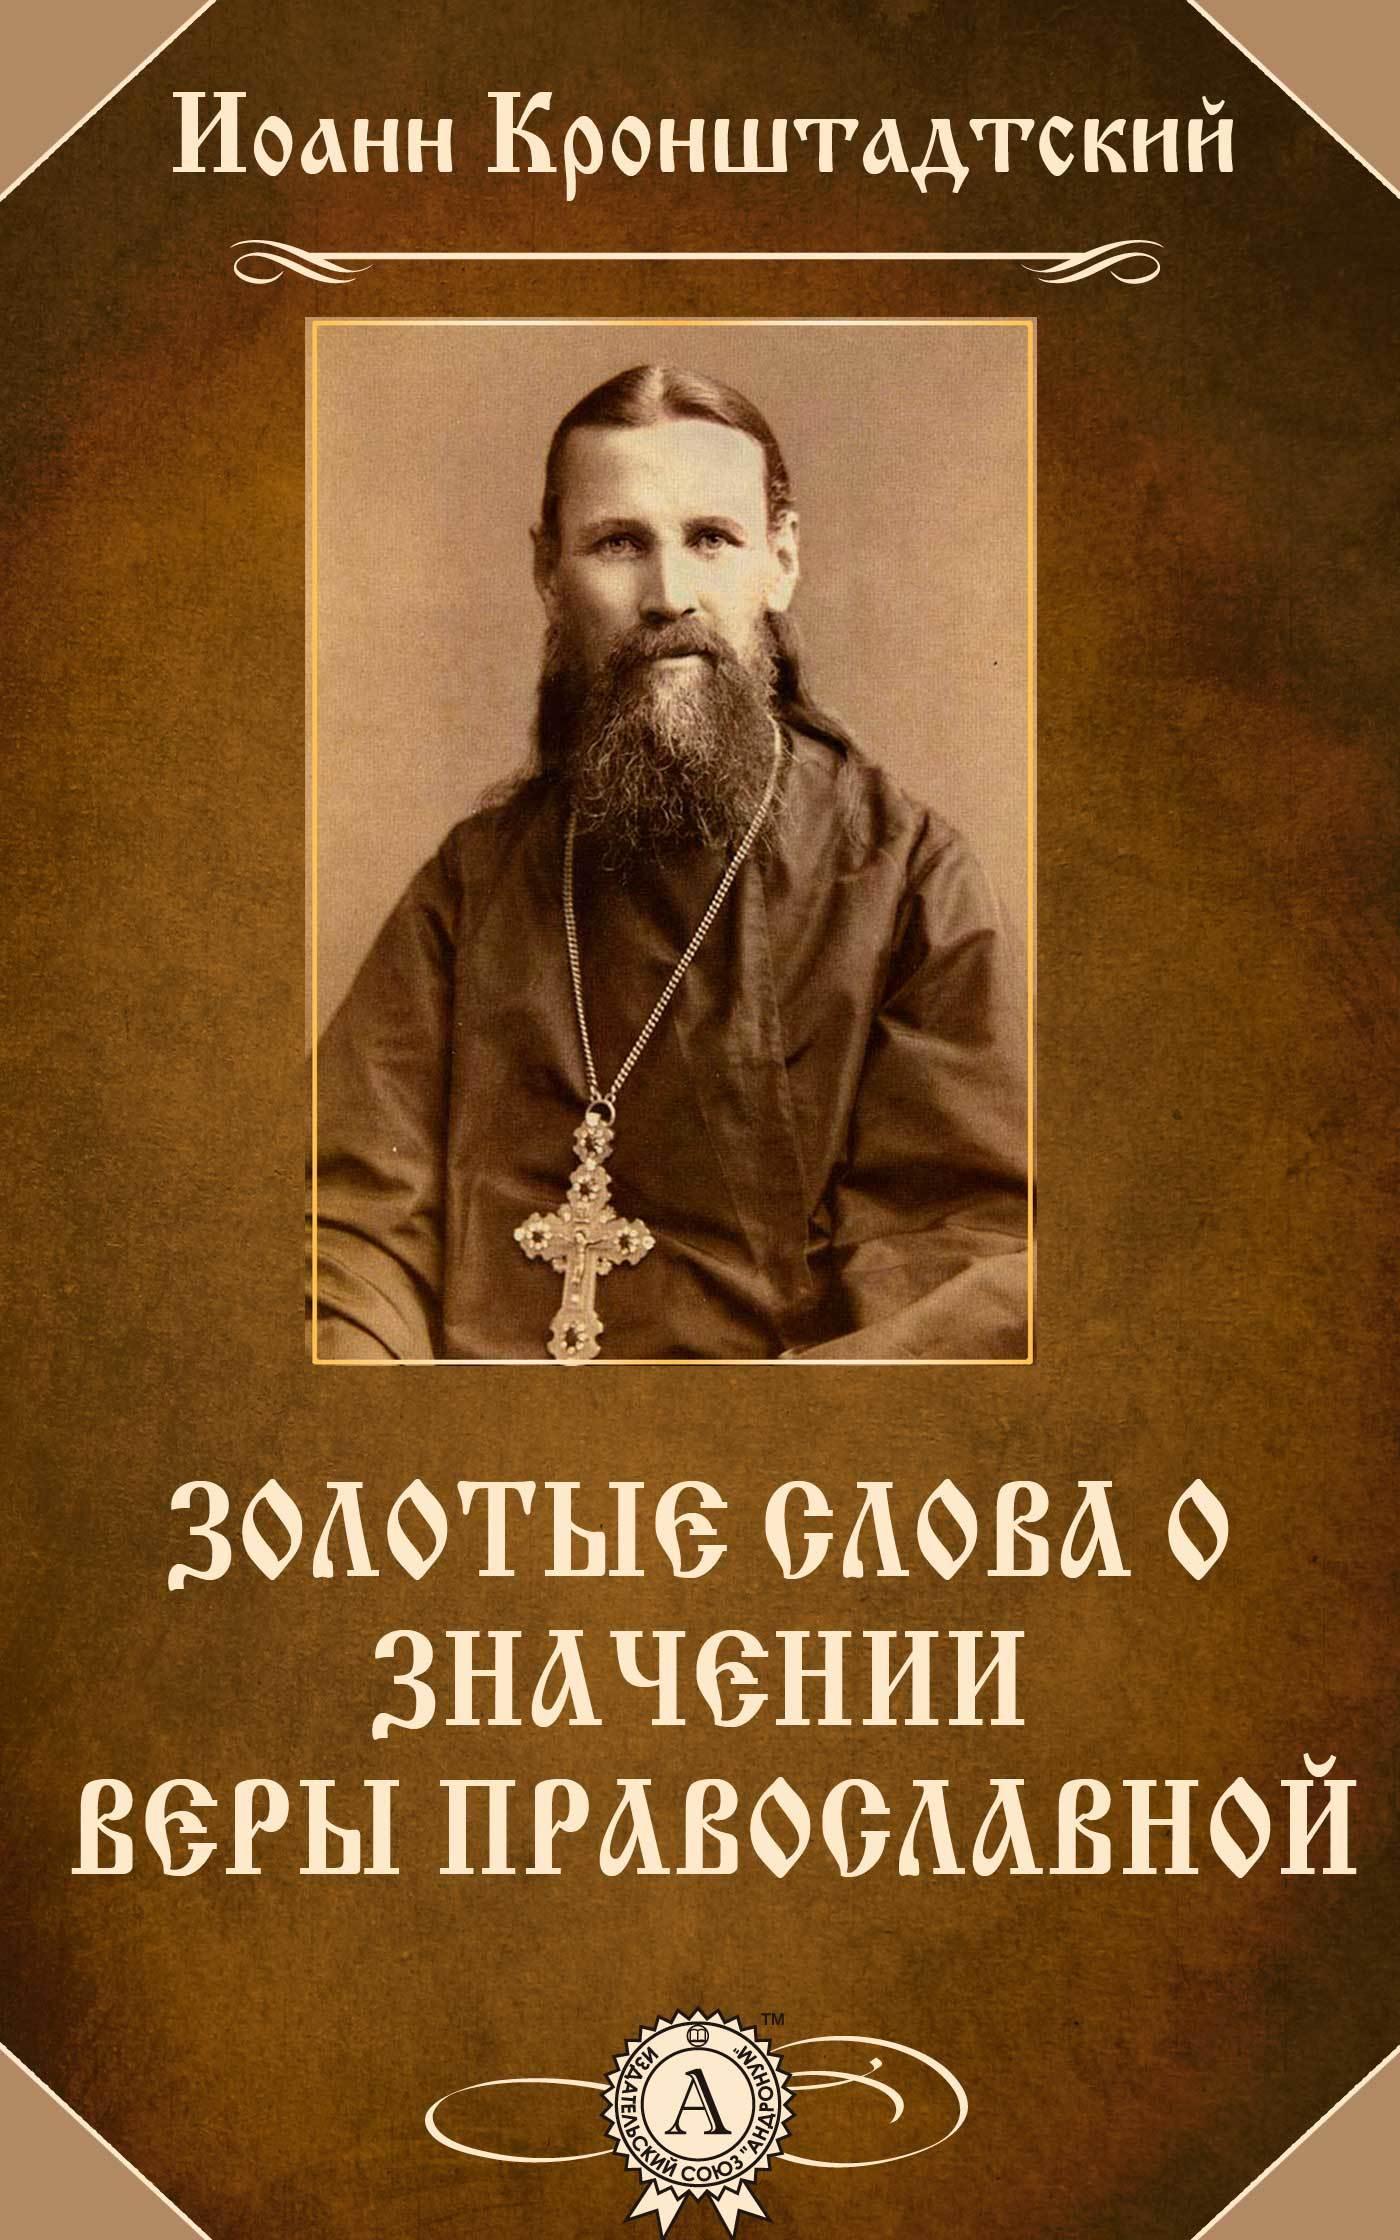 cвятой праведный Иоанн Кронштадтский Золотые слова о значении веры православной cвятой праведный иоанн кронштадтский беседы о блаженствах евангельских